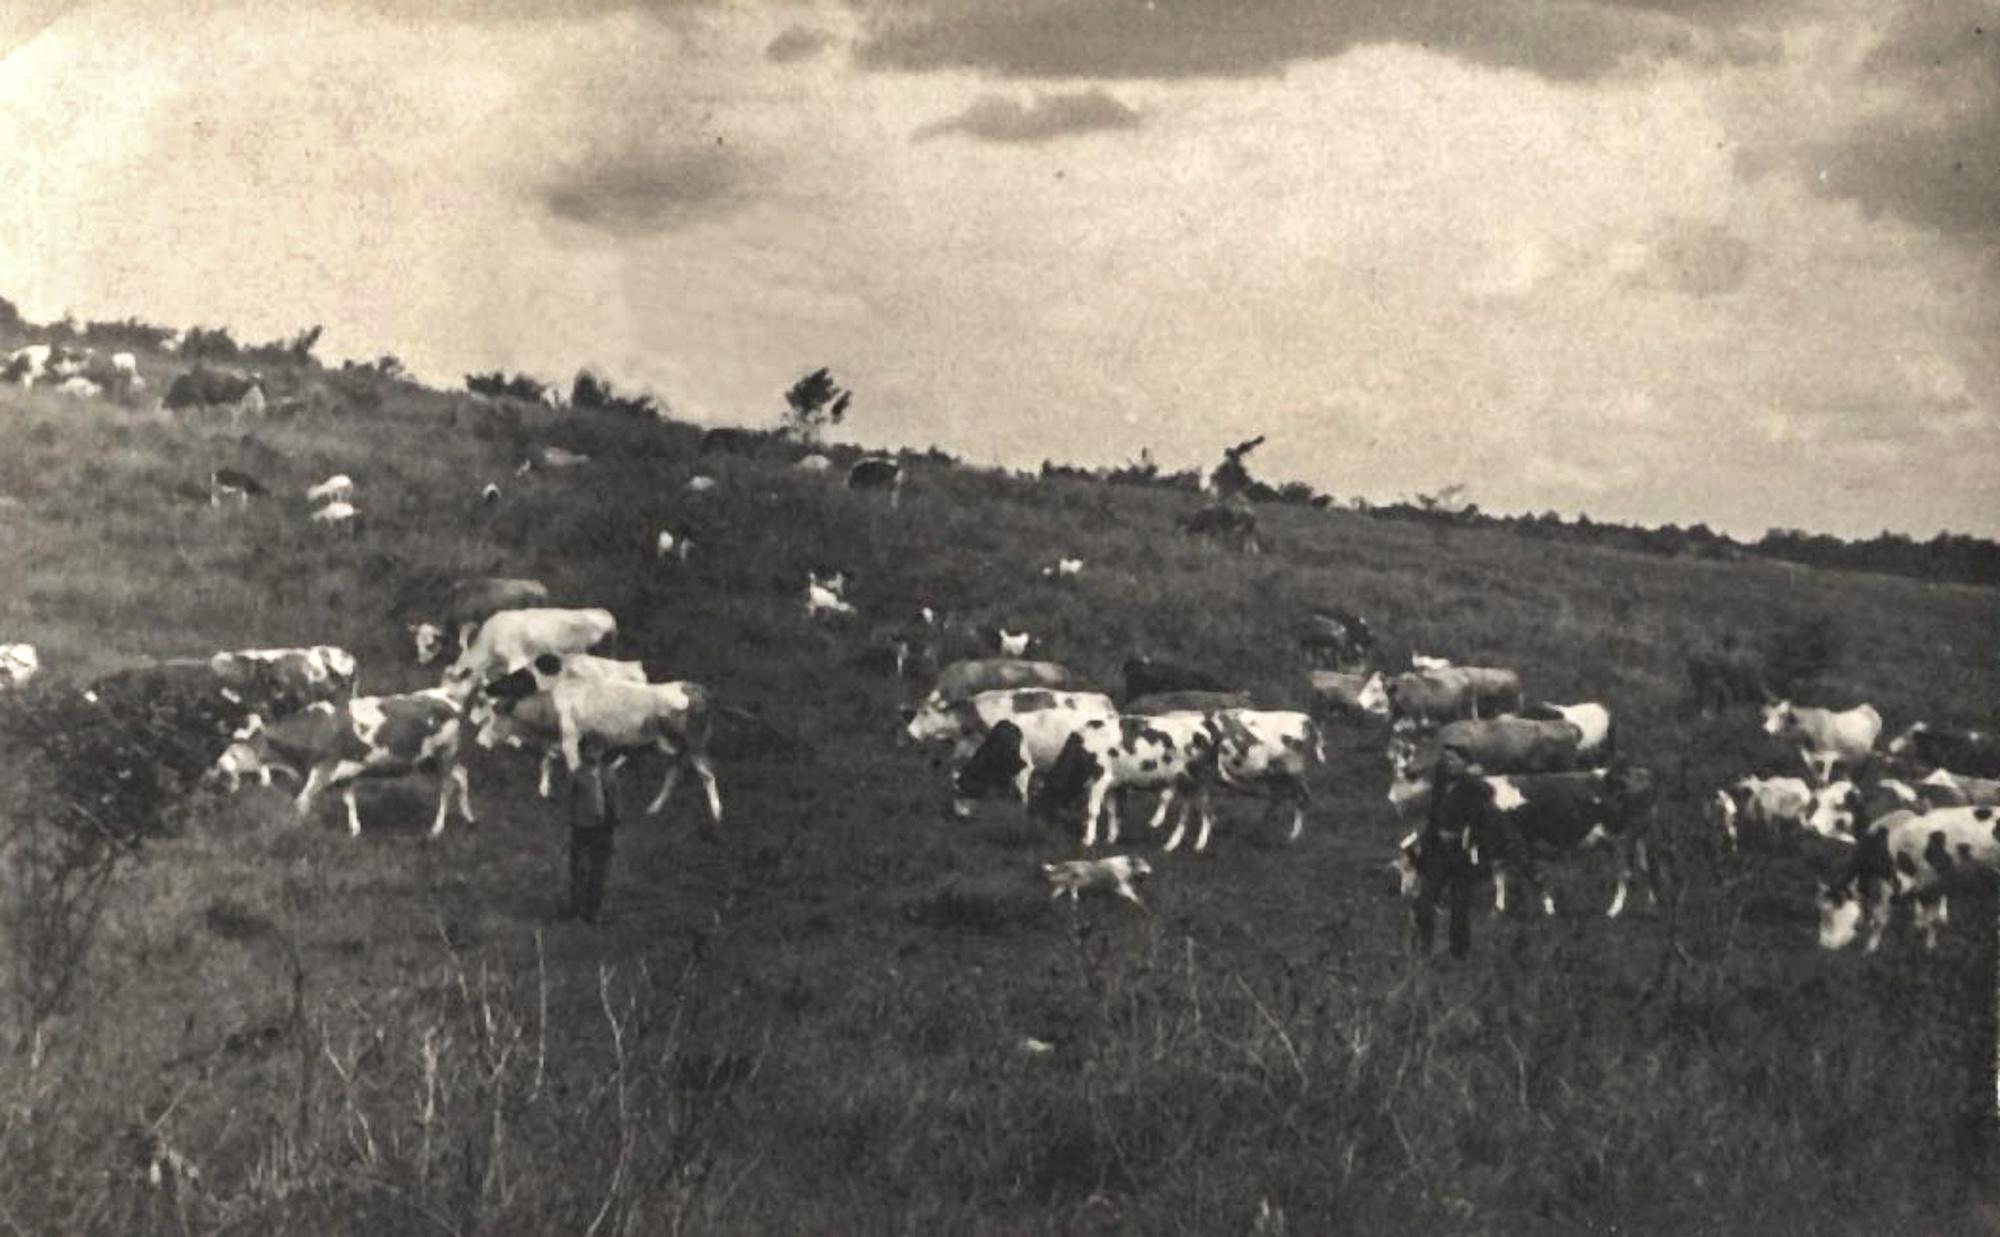 V 20-tych rokoch 20. storočia sa nerovný terén lúky využíval na pasenie dobytka (foto: Matúš Šrámek)